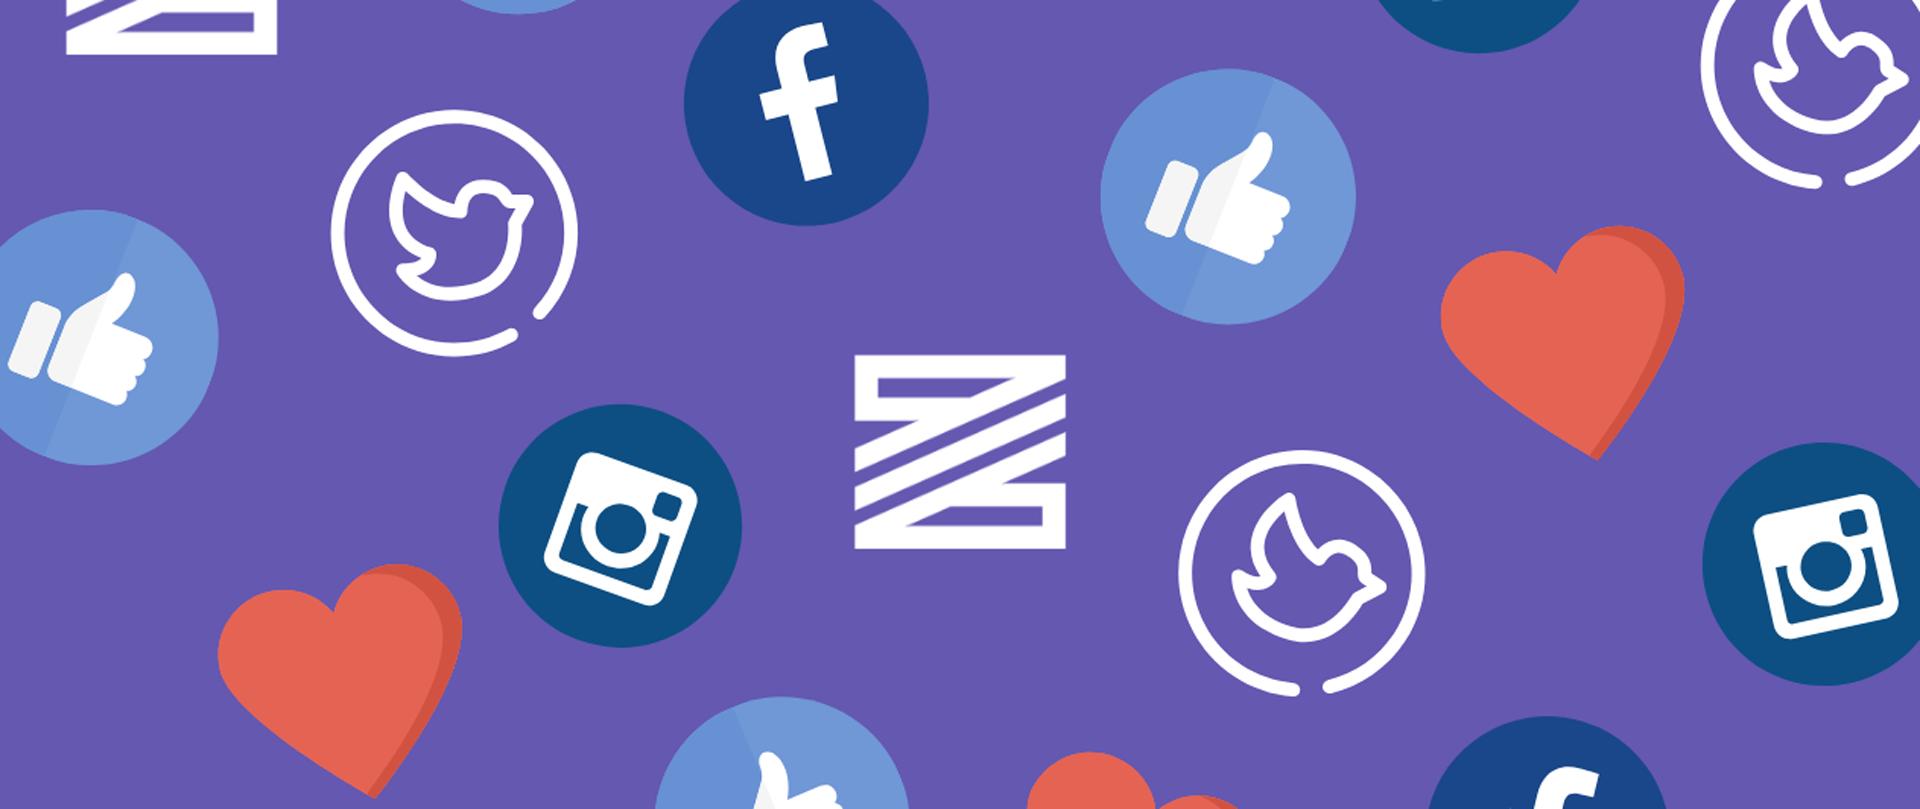 SocialAlgorithmsBlogHeader